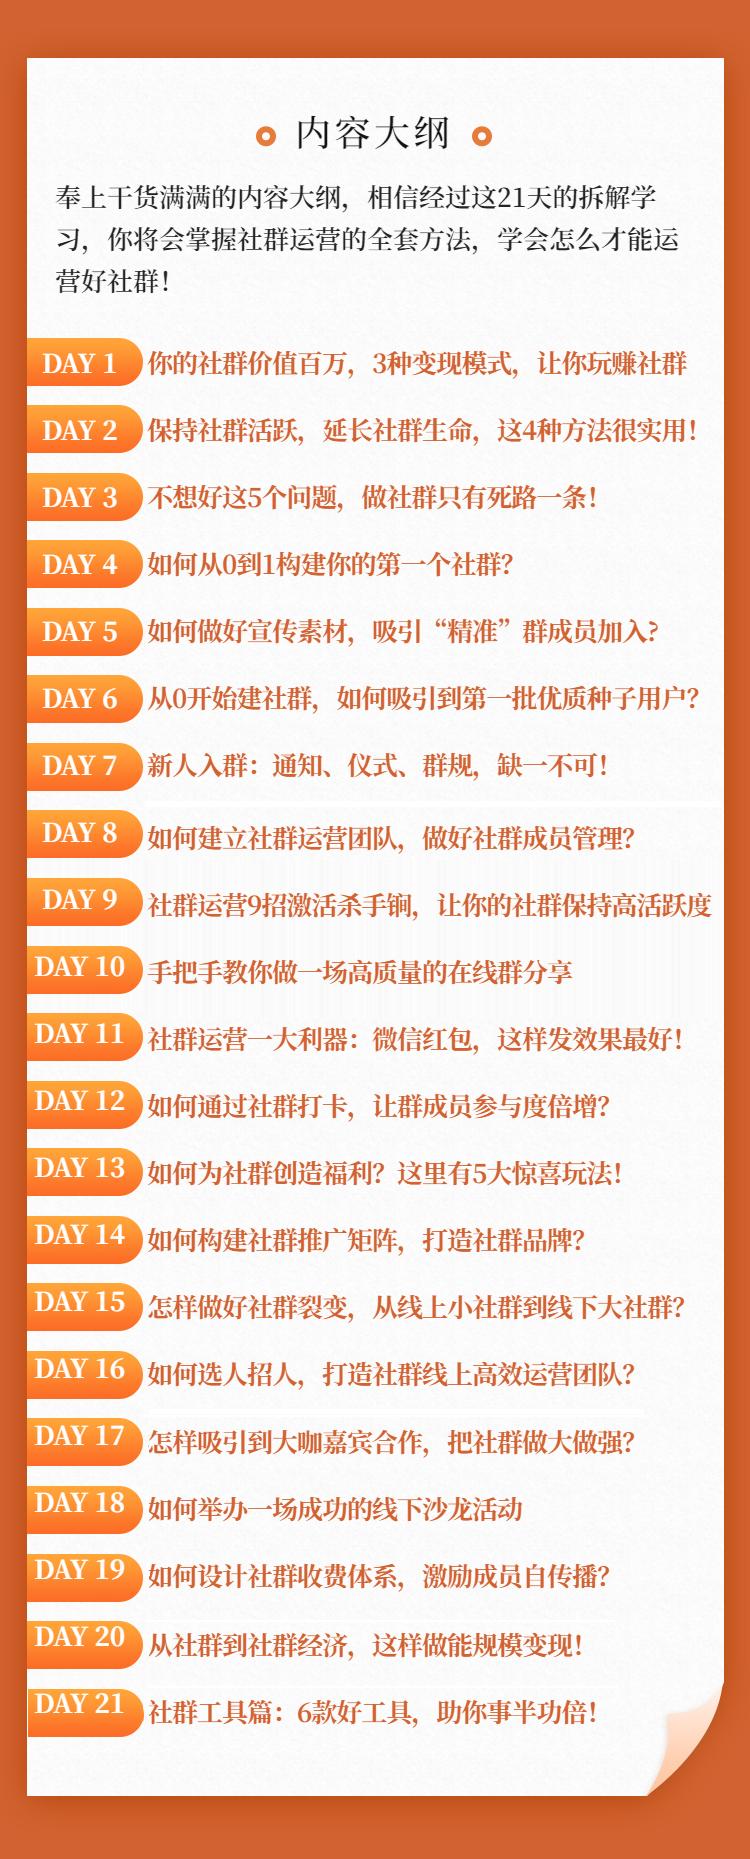 21天实战营销手册打卡计划详情页-3.png